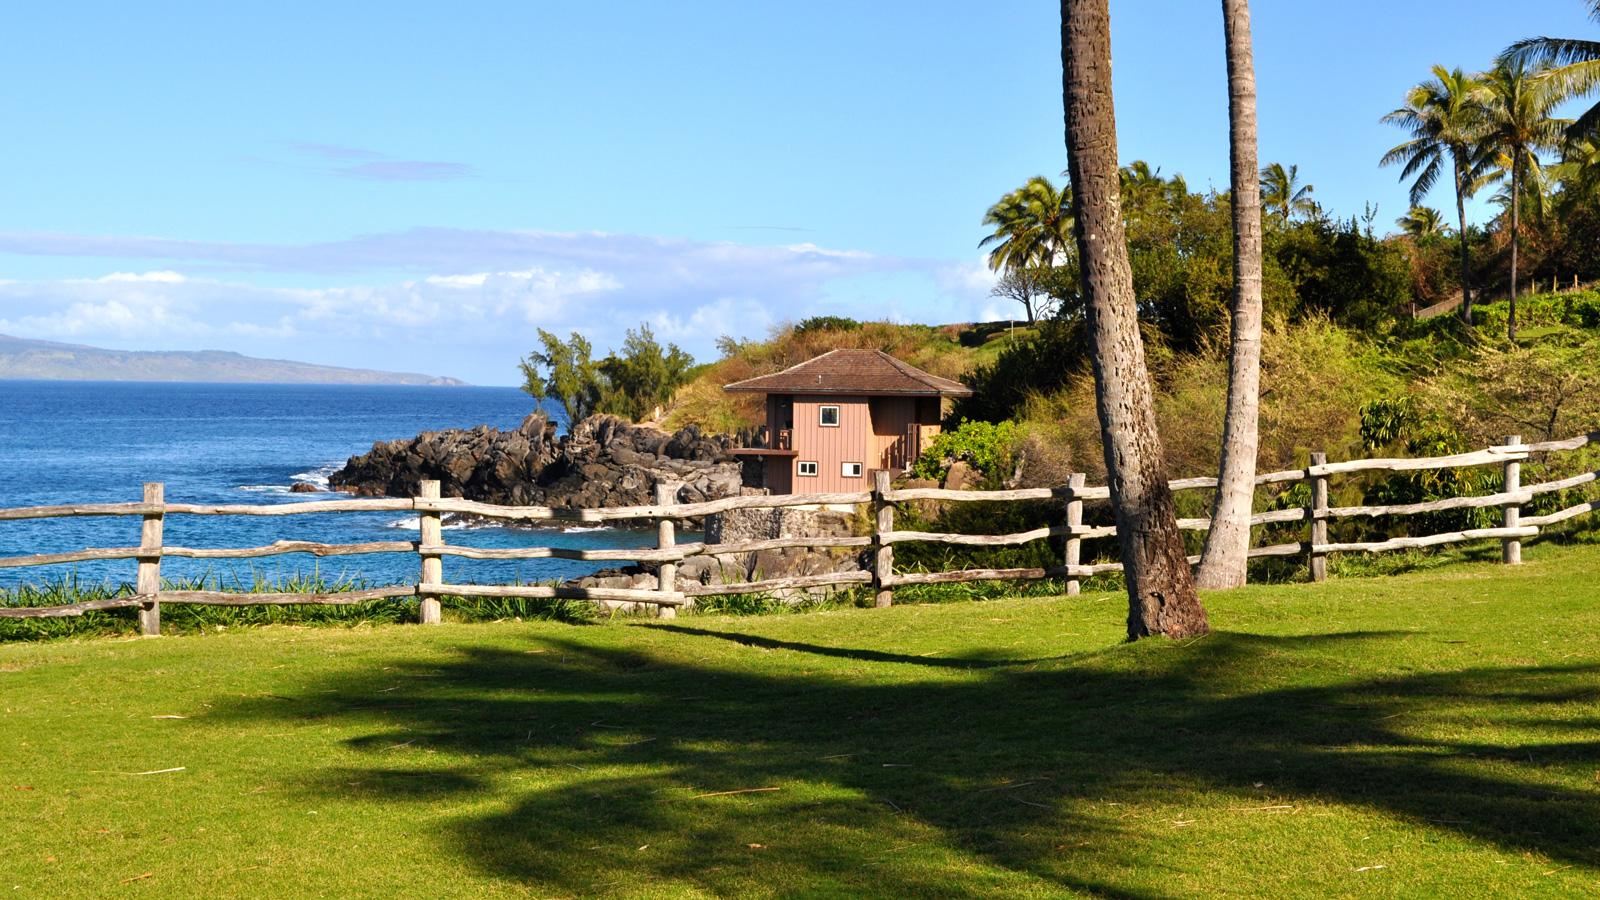 Kapalua Cliff House